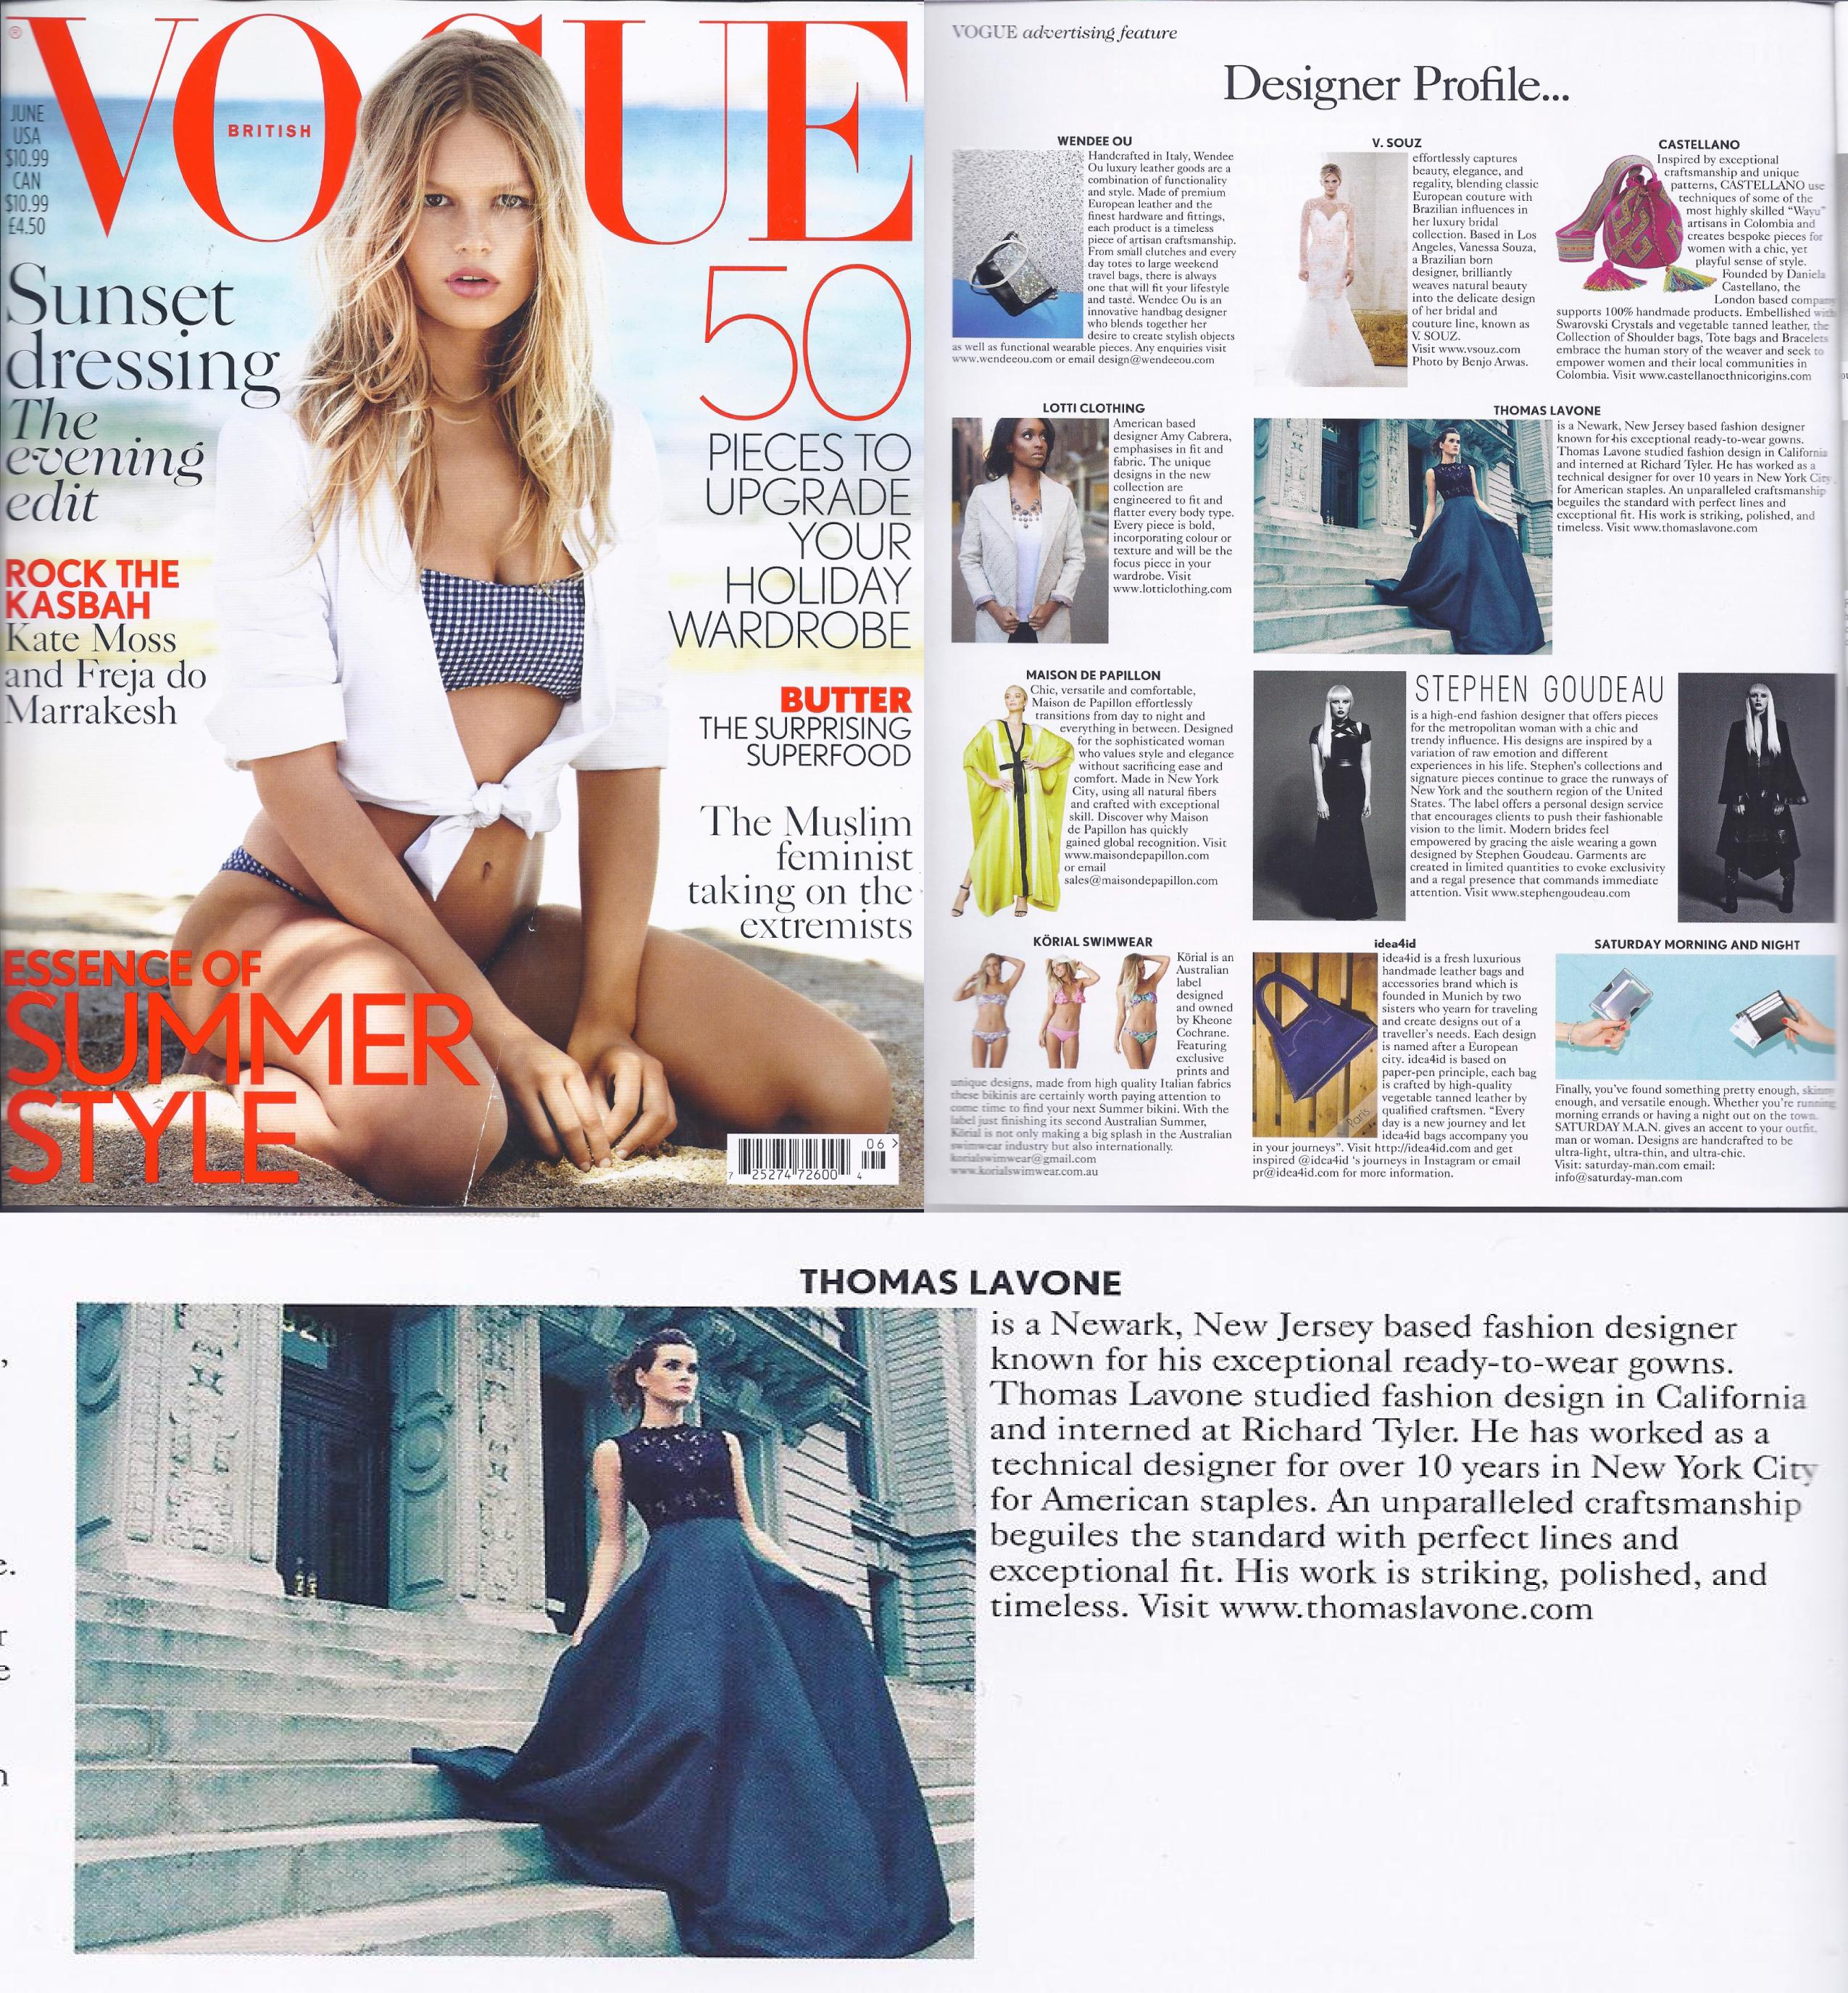 Vogue June 2015 UK